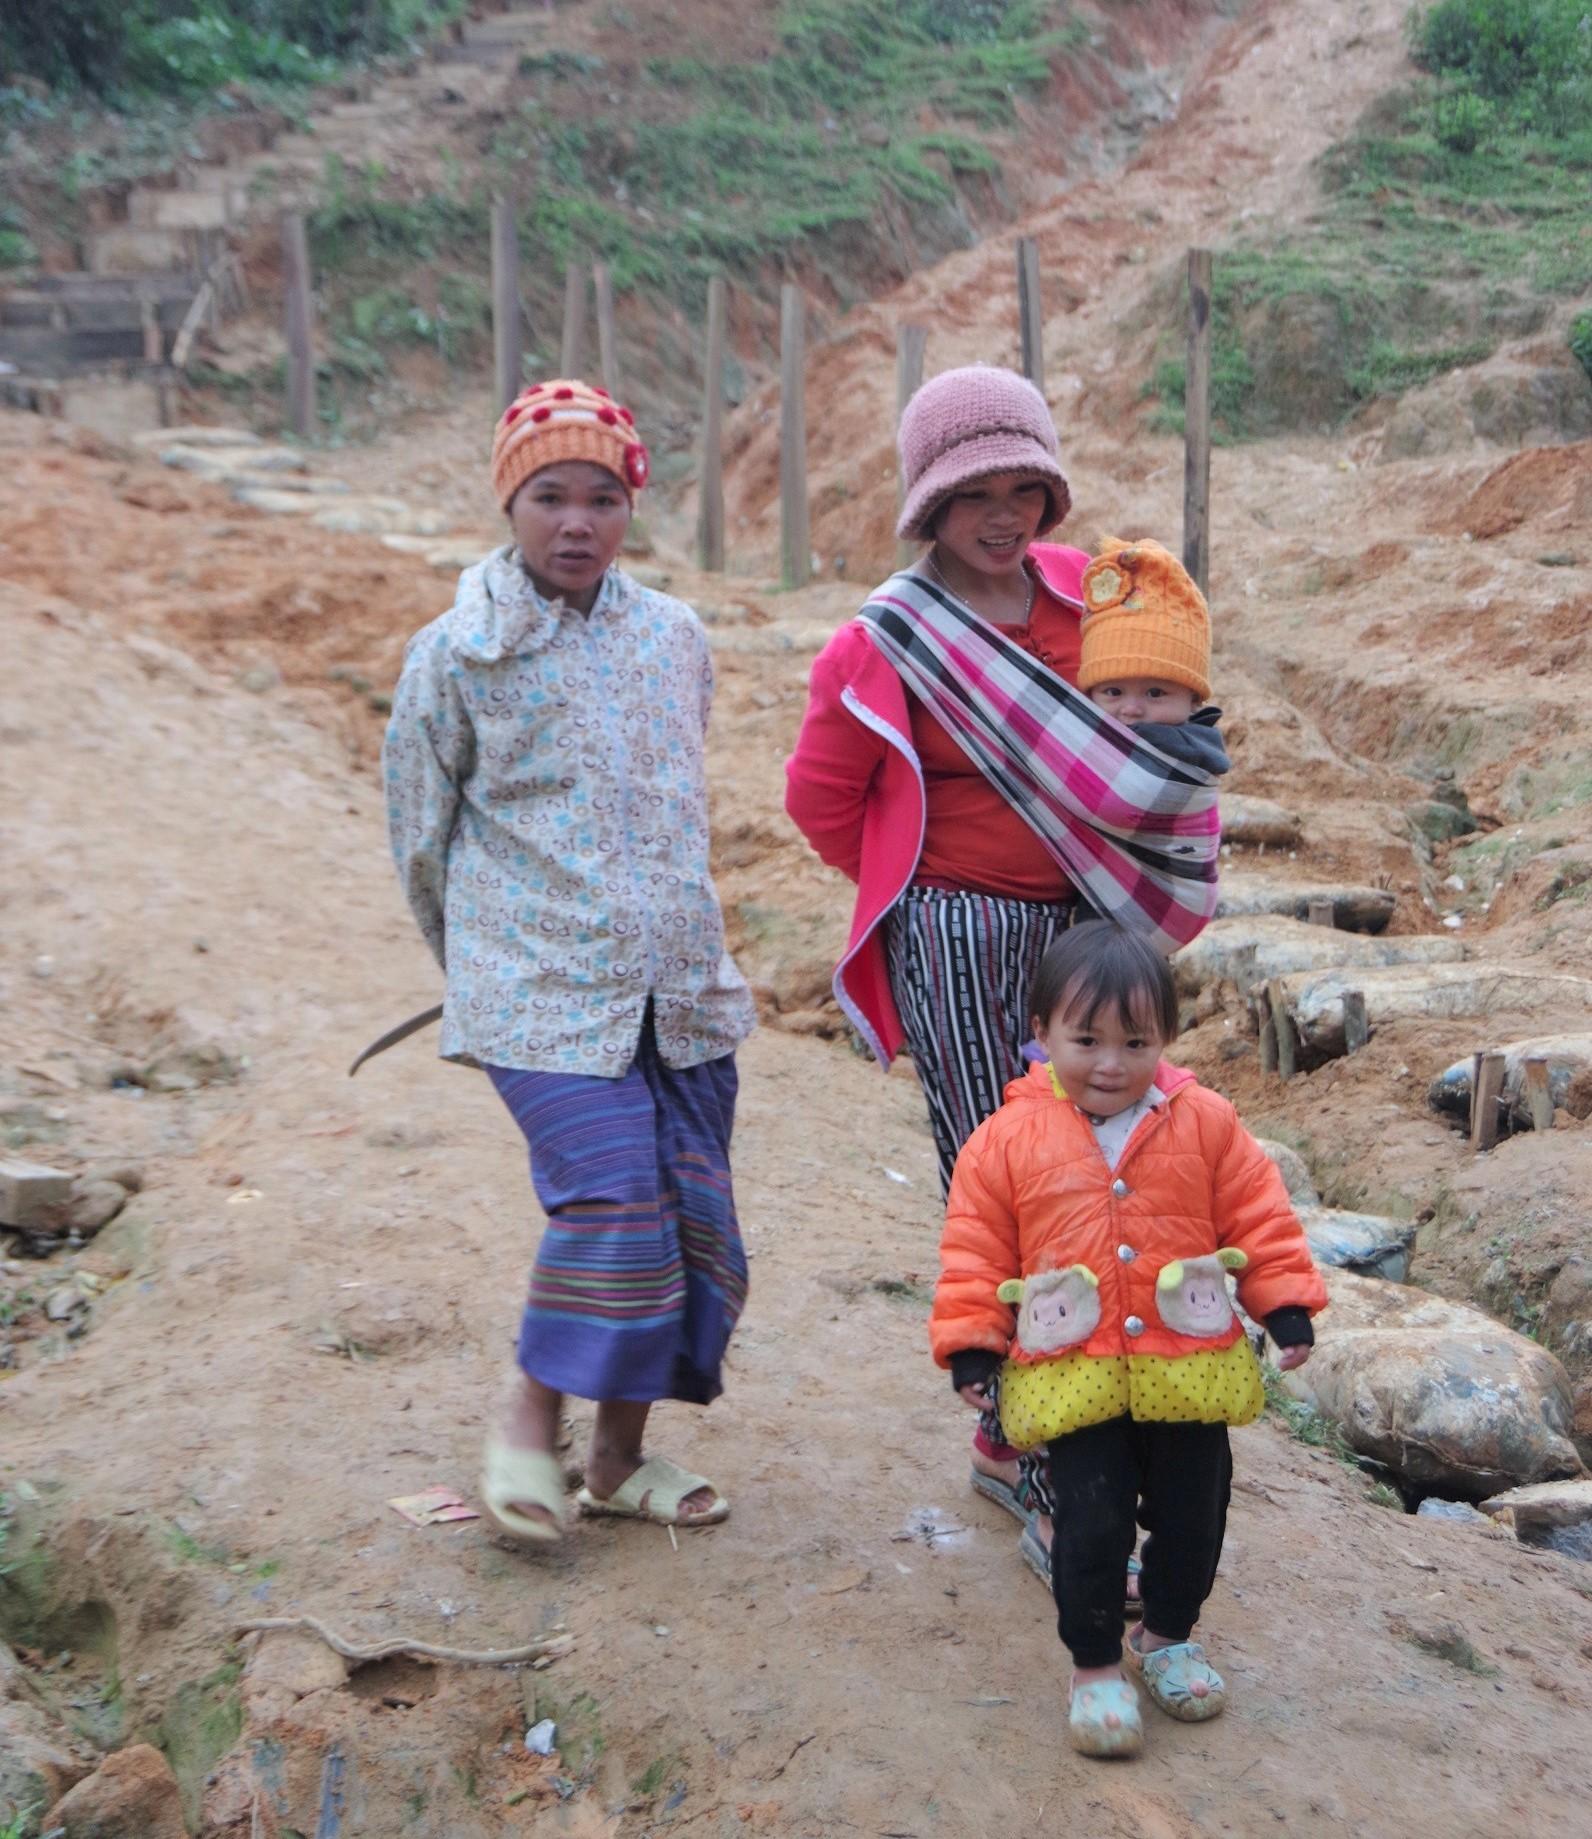 Phụ nữ dân tộc Chứt thường lấy chồng sớm. Ở đây có phong tục khi sinh con, vợ chồng phải làm một cái chòi cạnh nhà, sau khi sinh 3 ngày mới được về nhà